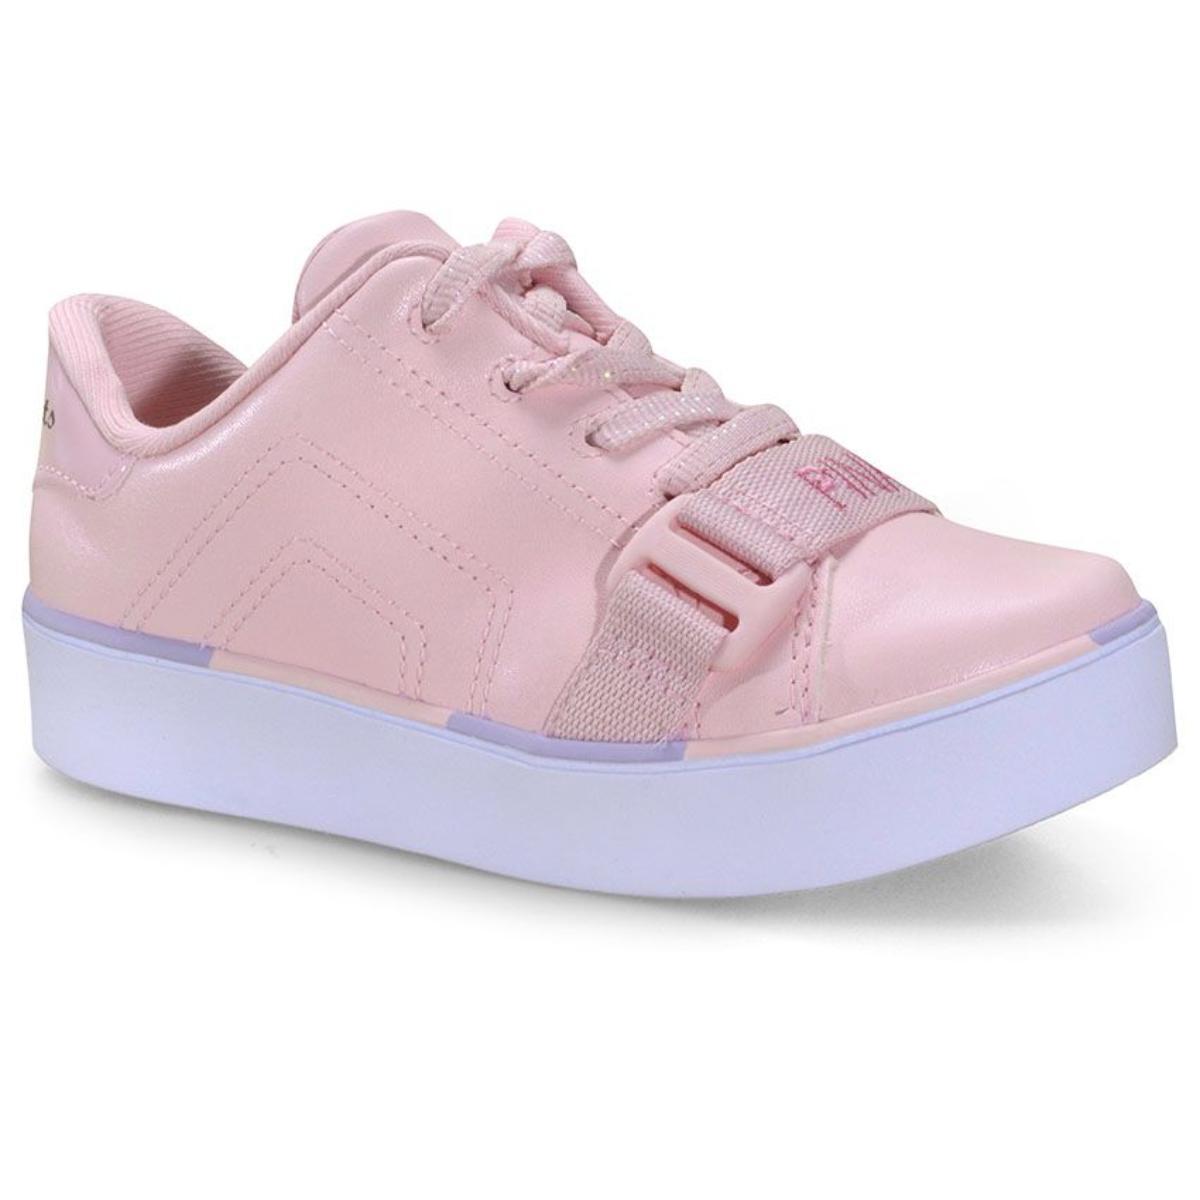 Tênis Feminino Pink Cats V1496 Rosa/camelia